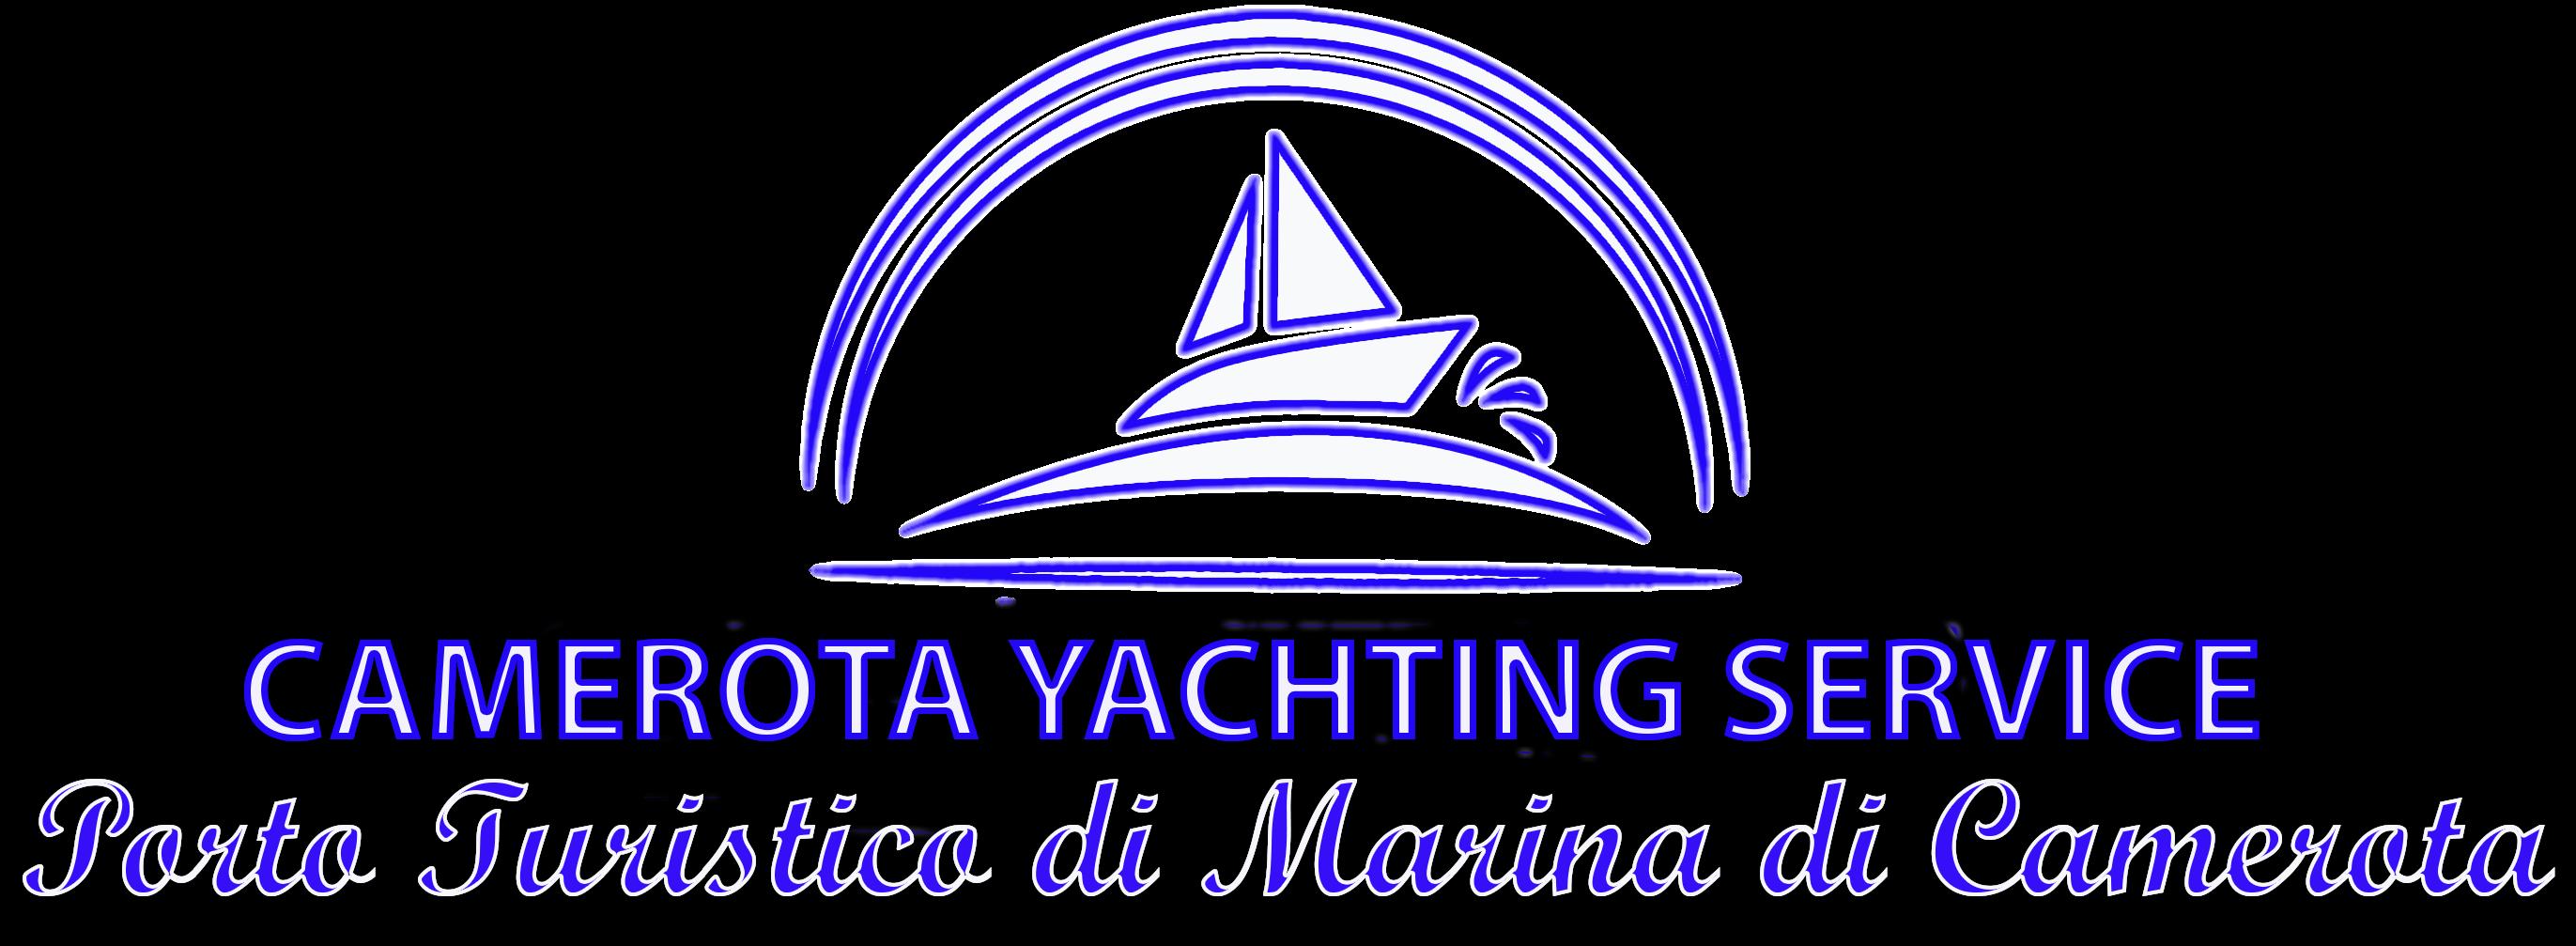 Porto Turistico di Marina di Camerota